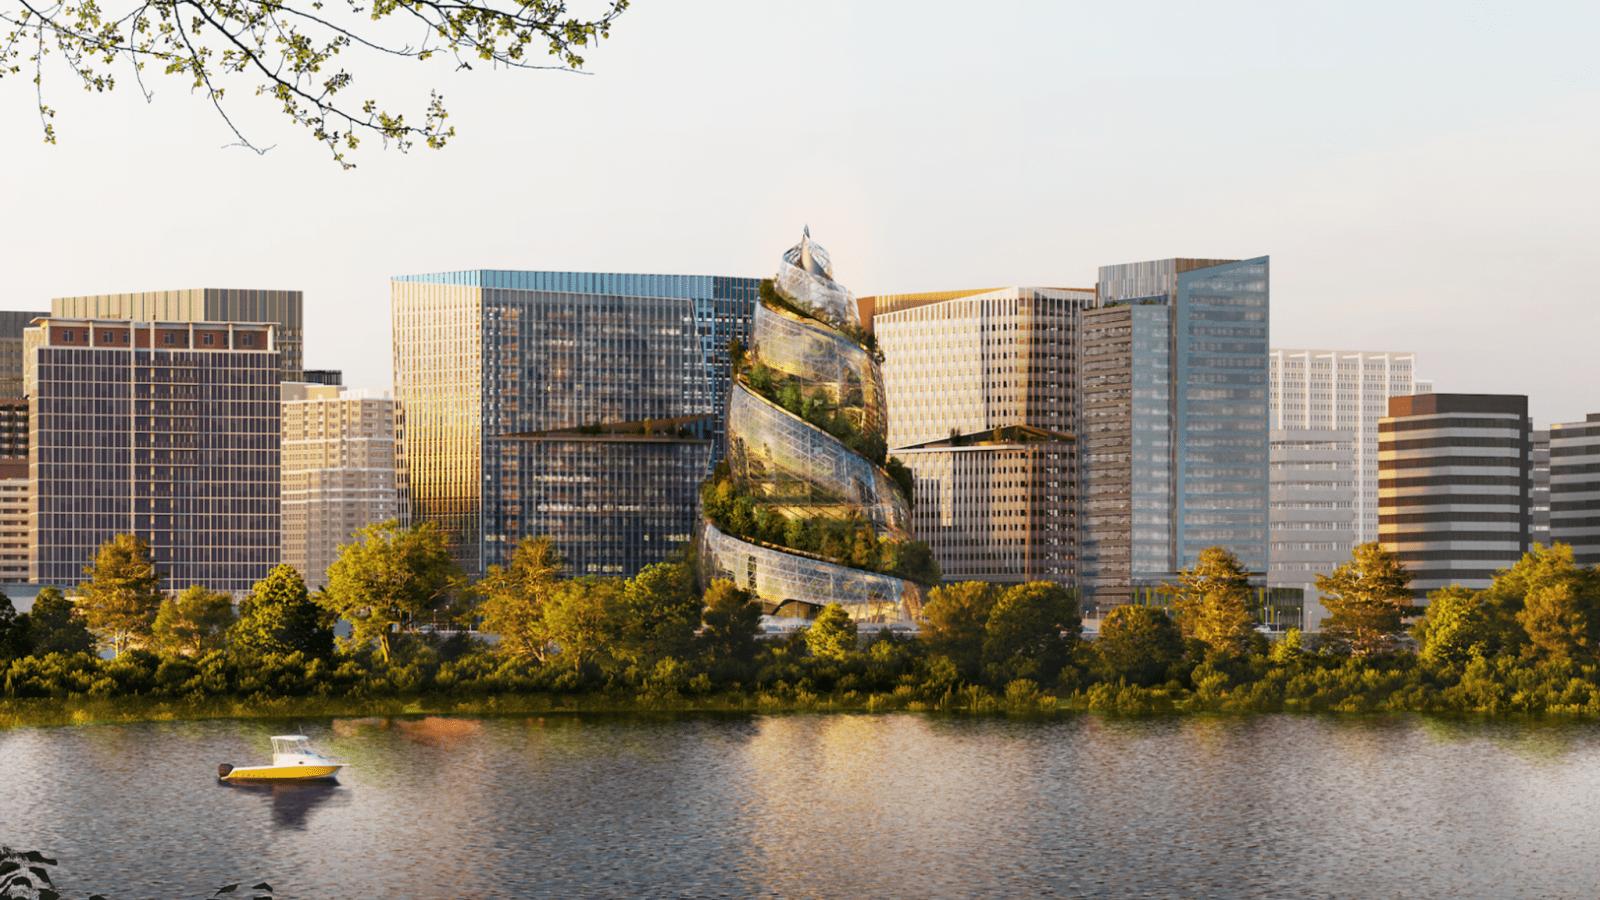 new amazon headquarters